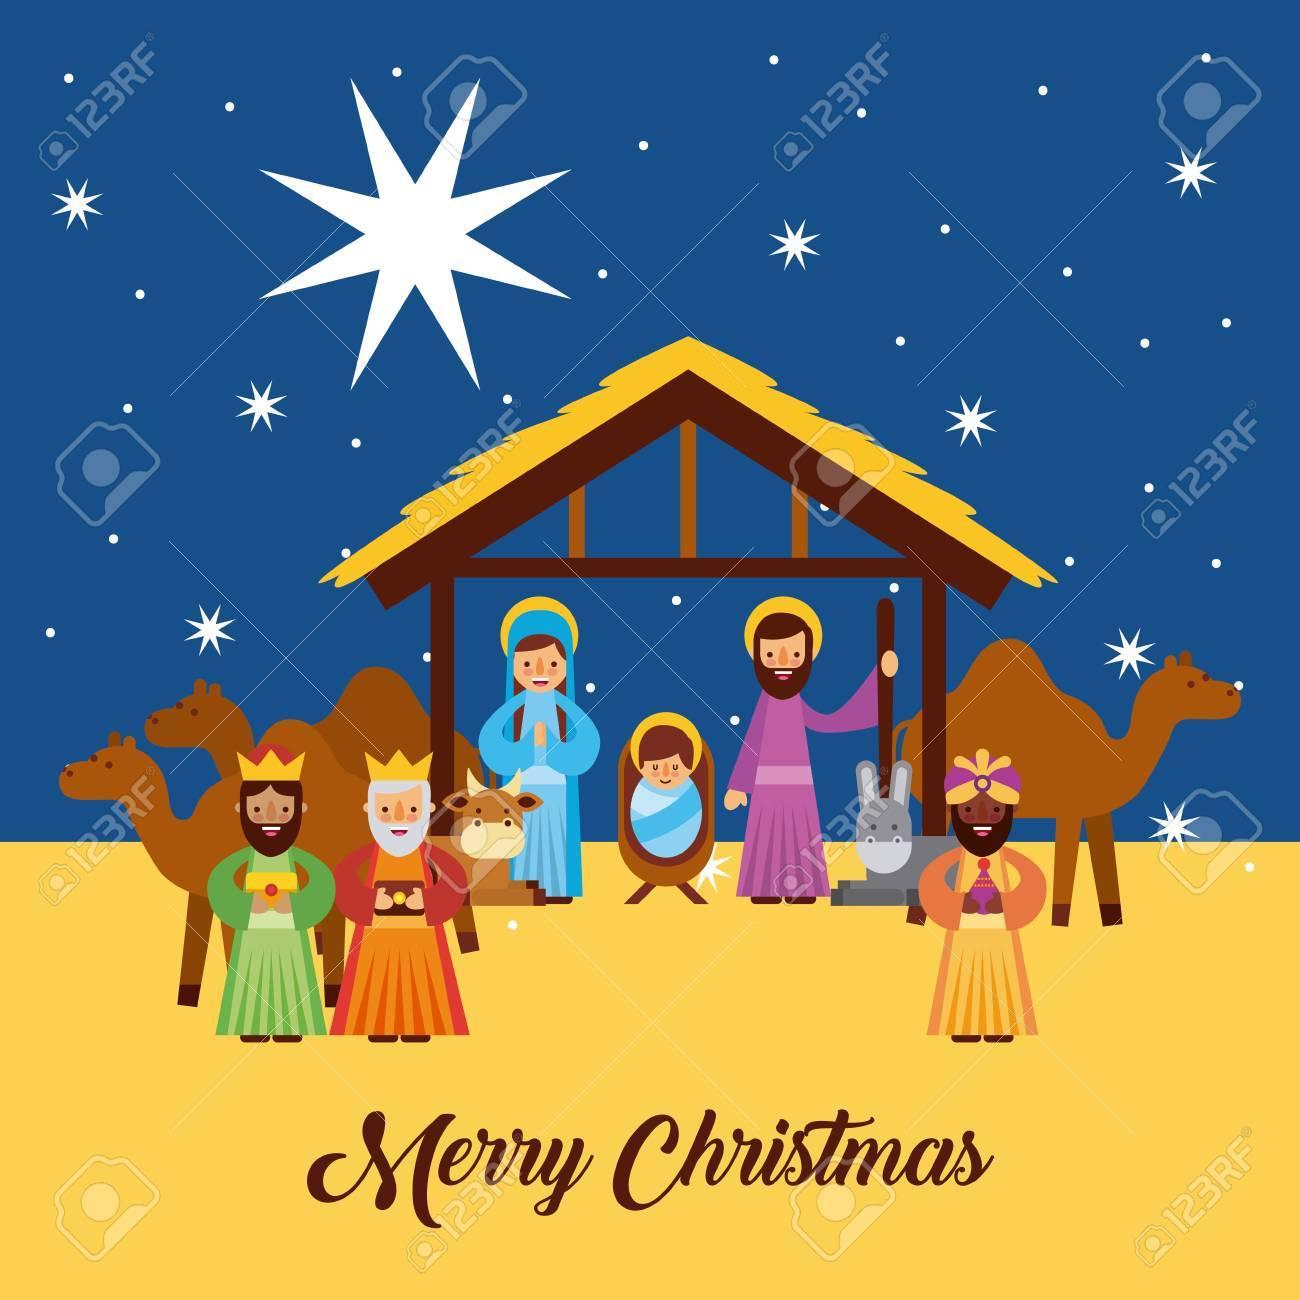 Fotos De El Pesebre De Jesus.Feliz Navidad Saludos Con Jesus Nacido En El Pesebre Jose Y Maria Reyes Reyes Personajes Vector Illustration